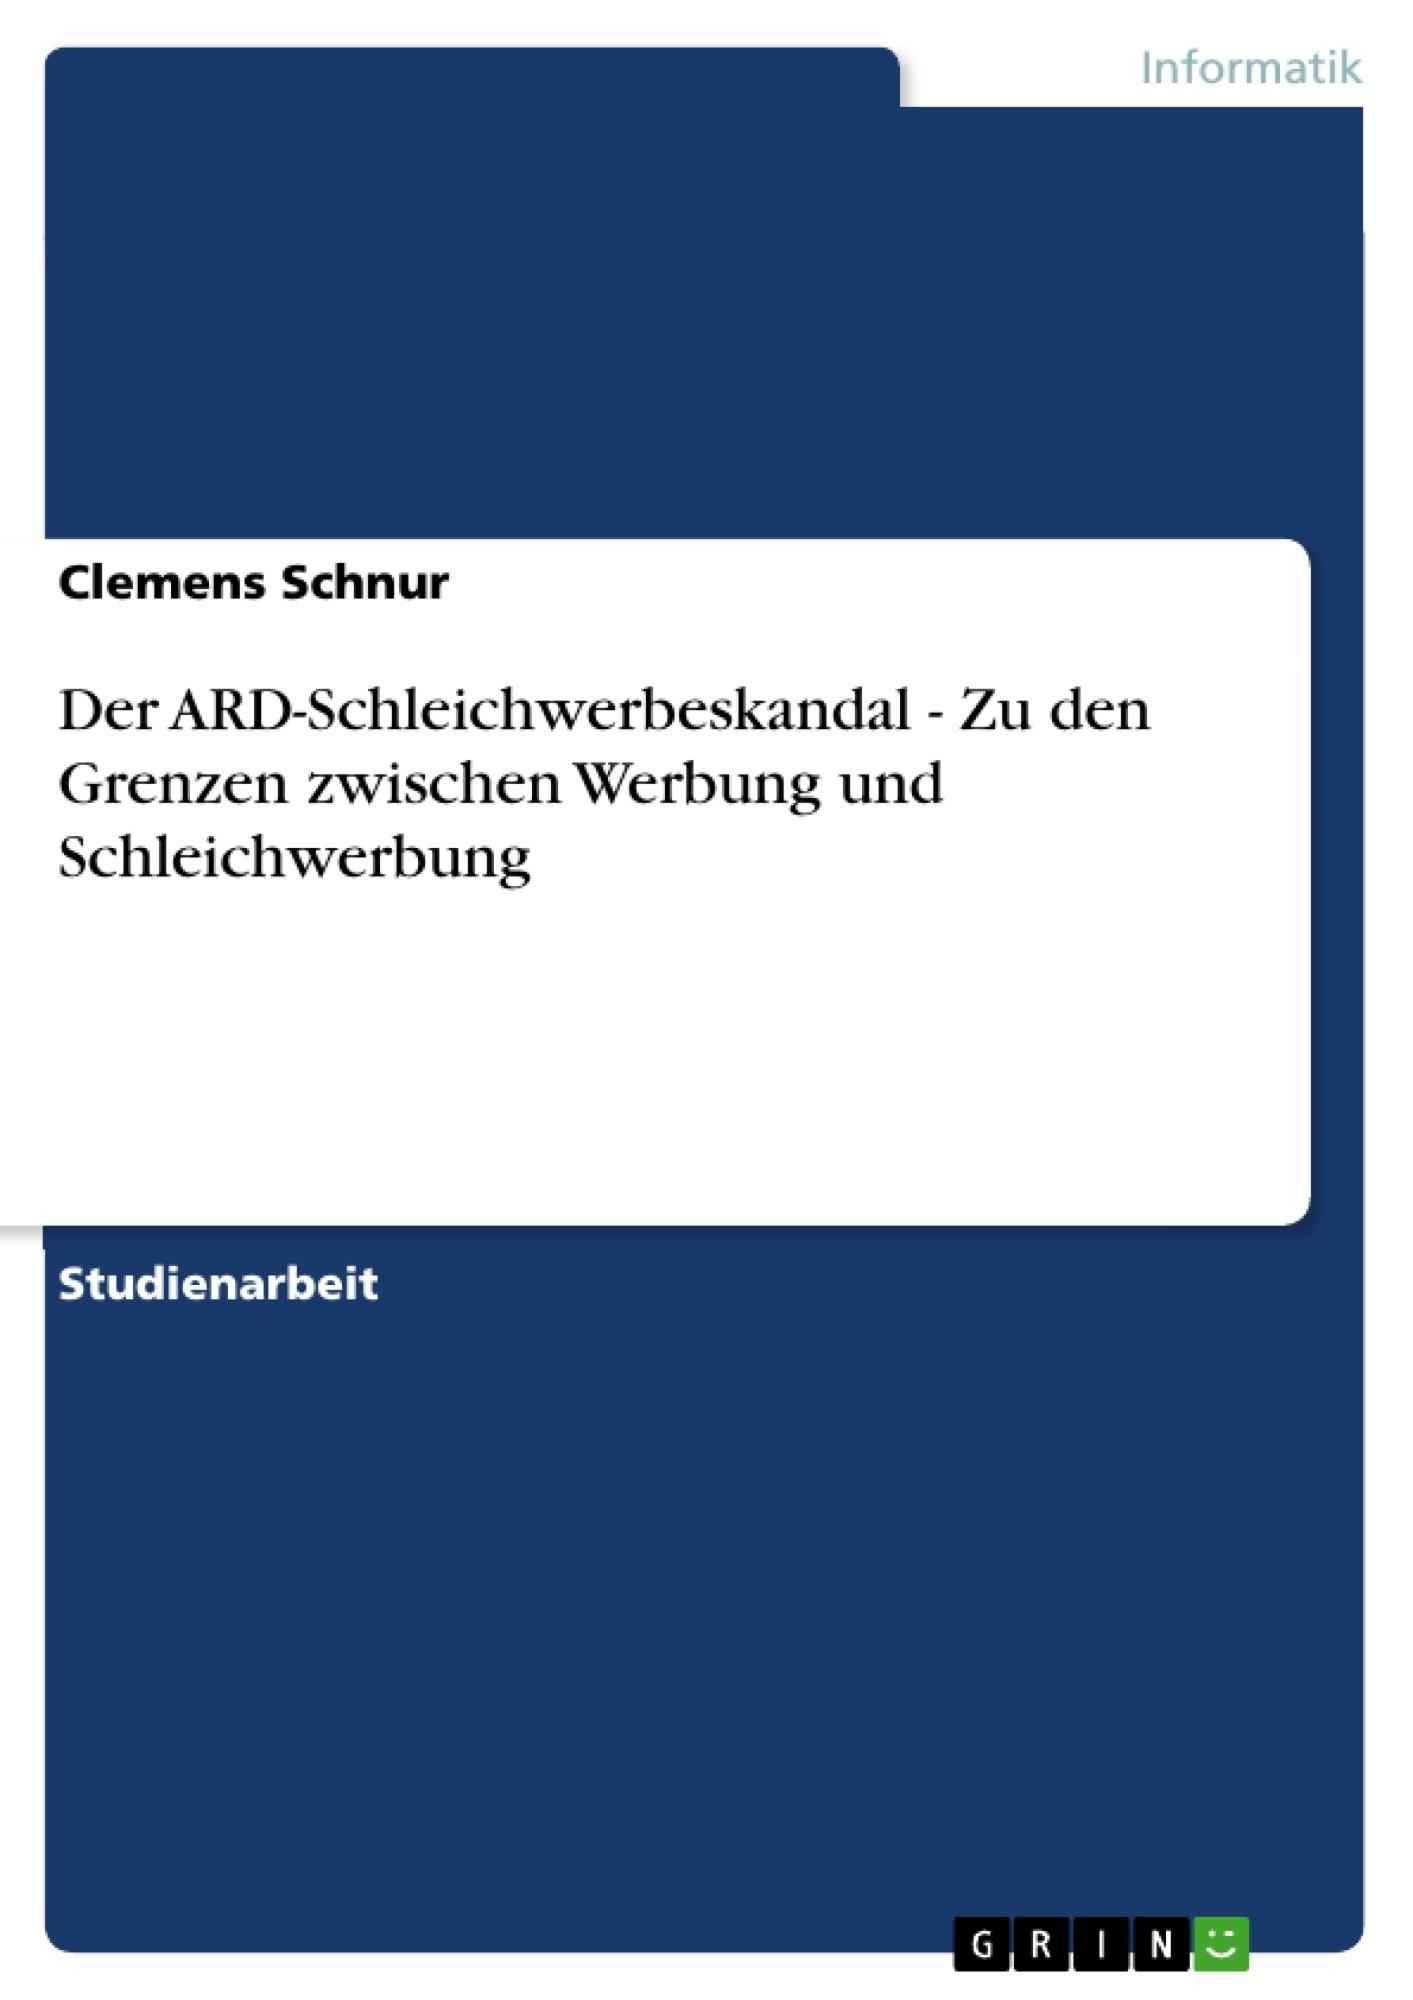 Titel: Der ARD-Schleichwerbeskandal - Zu den Grenzen zwischen Werbung und Schleichwerbung